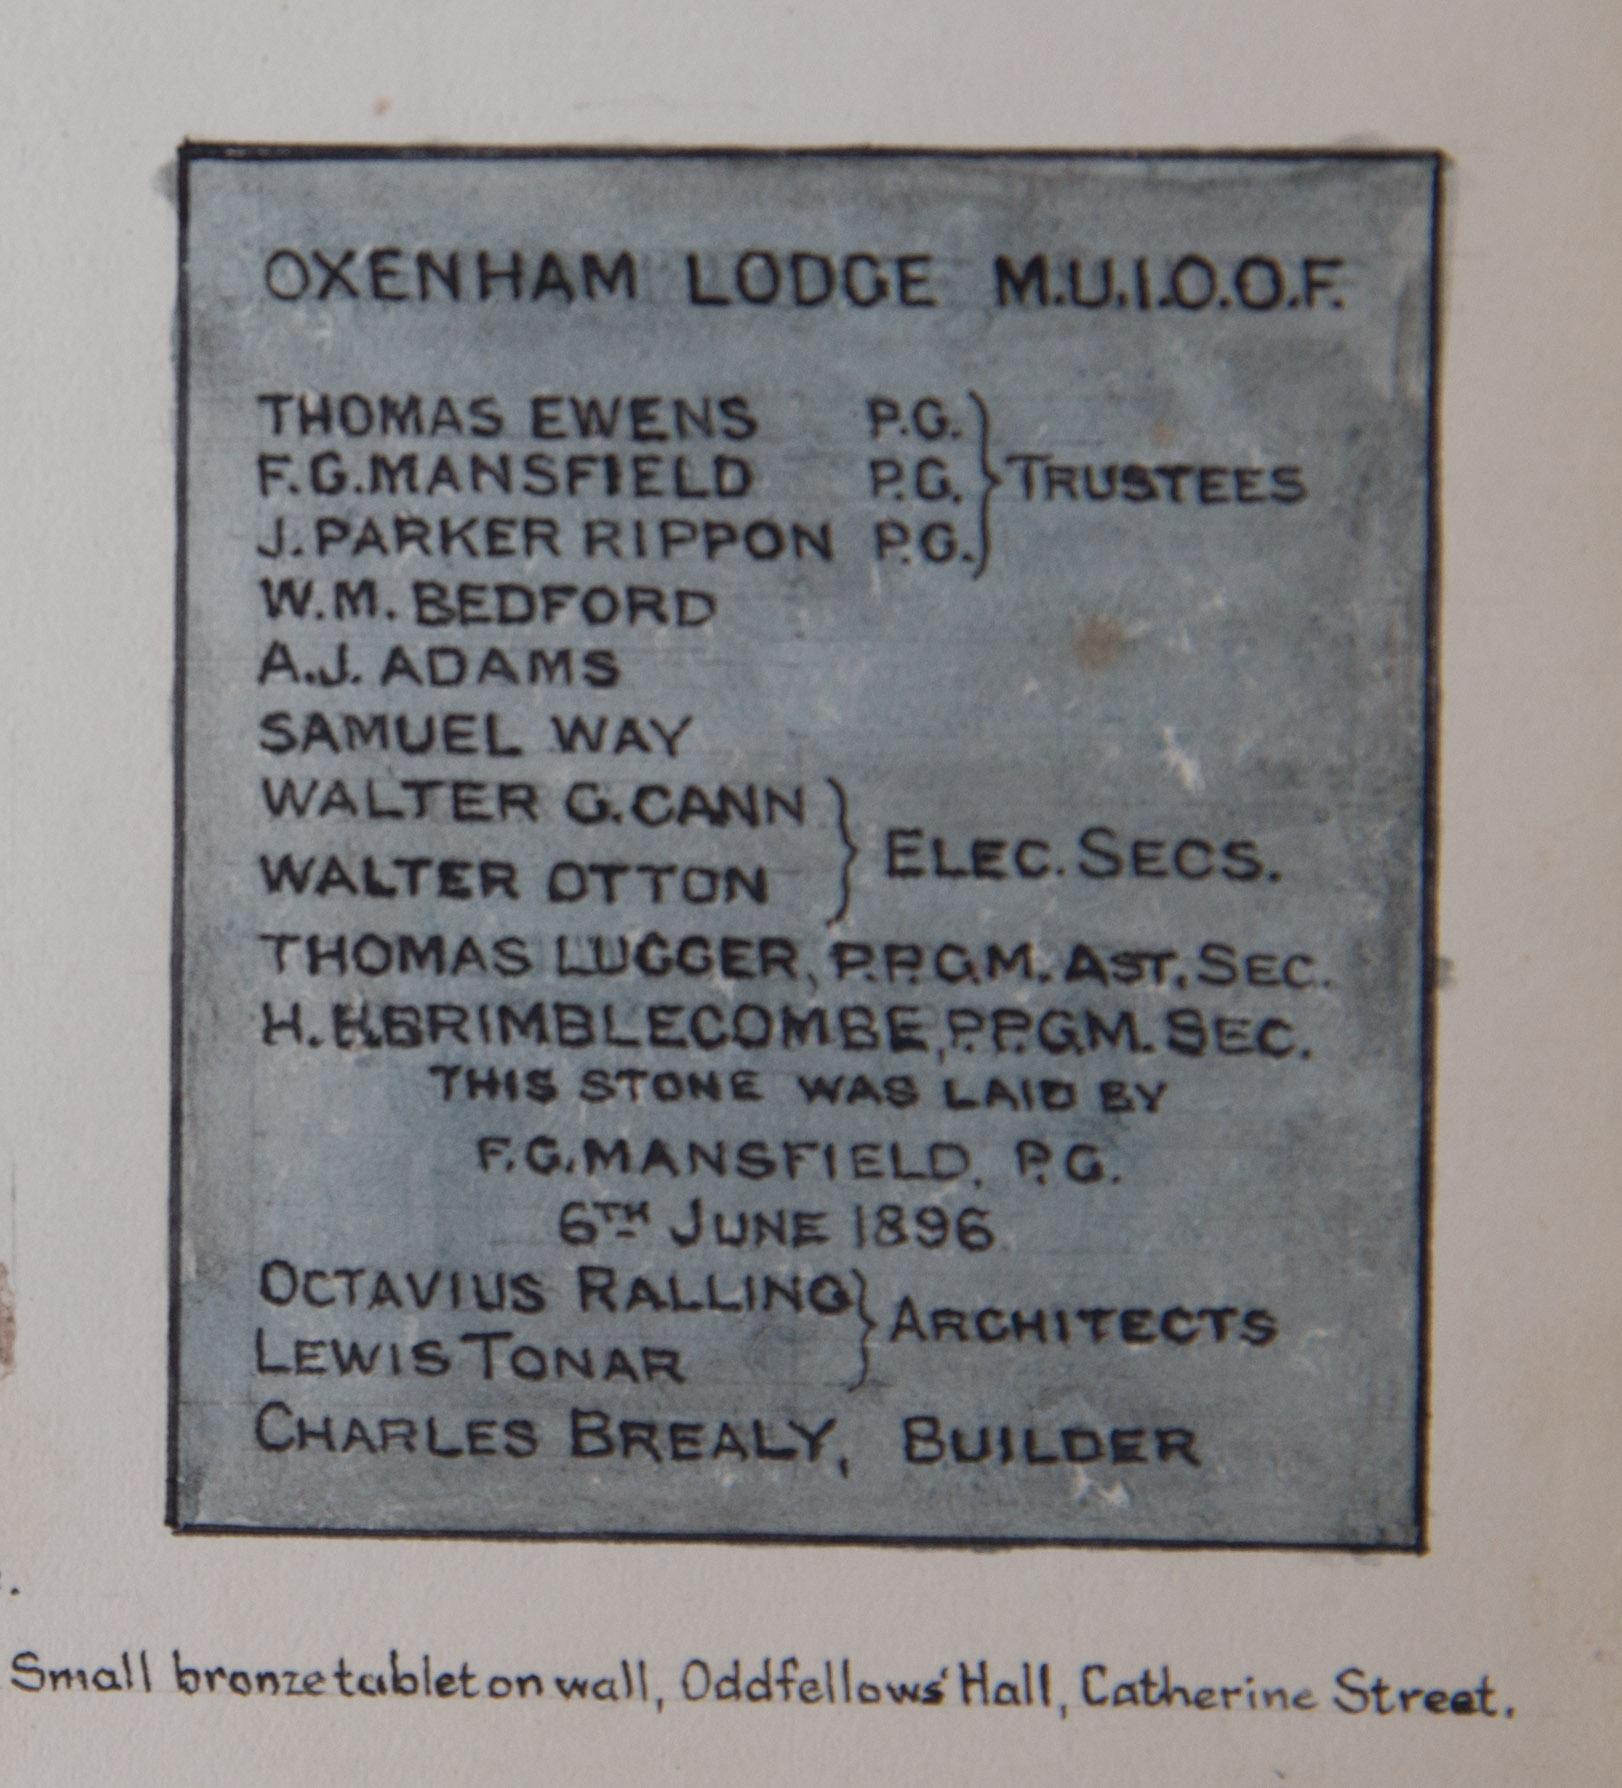 Oxenham Lodge Plaque